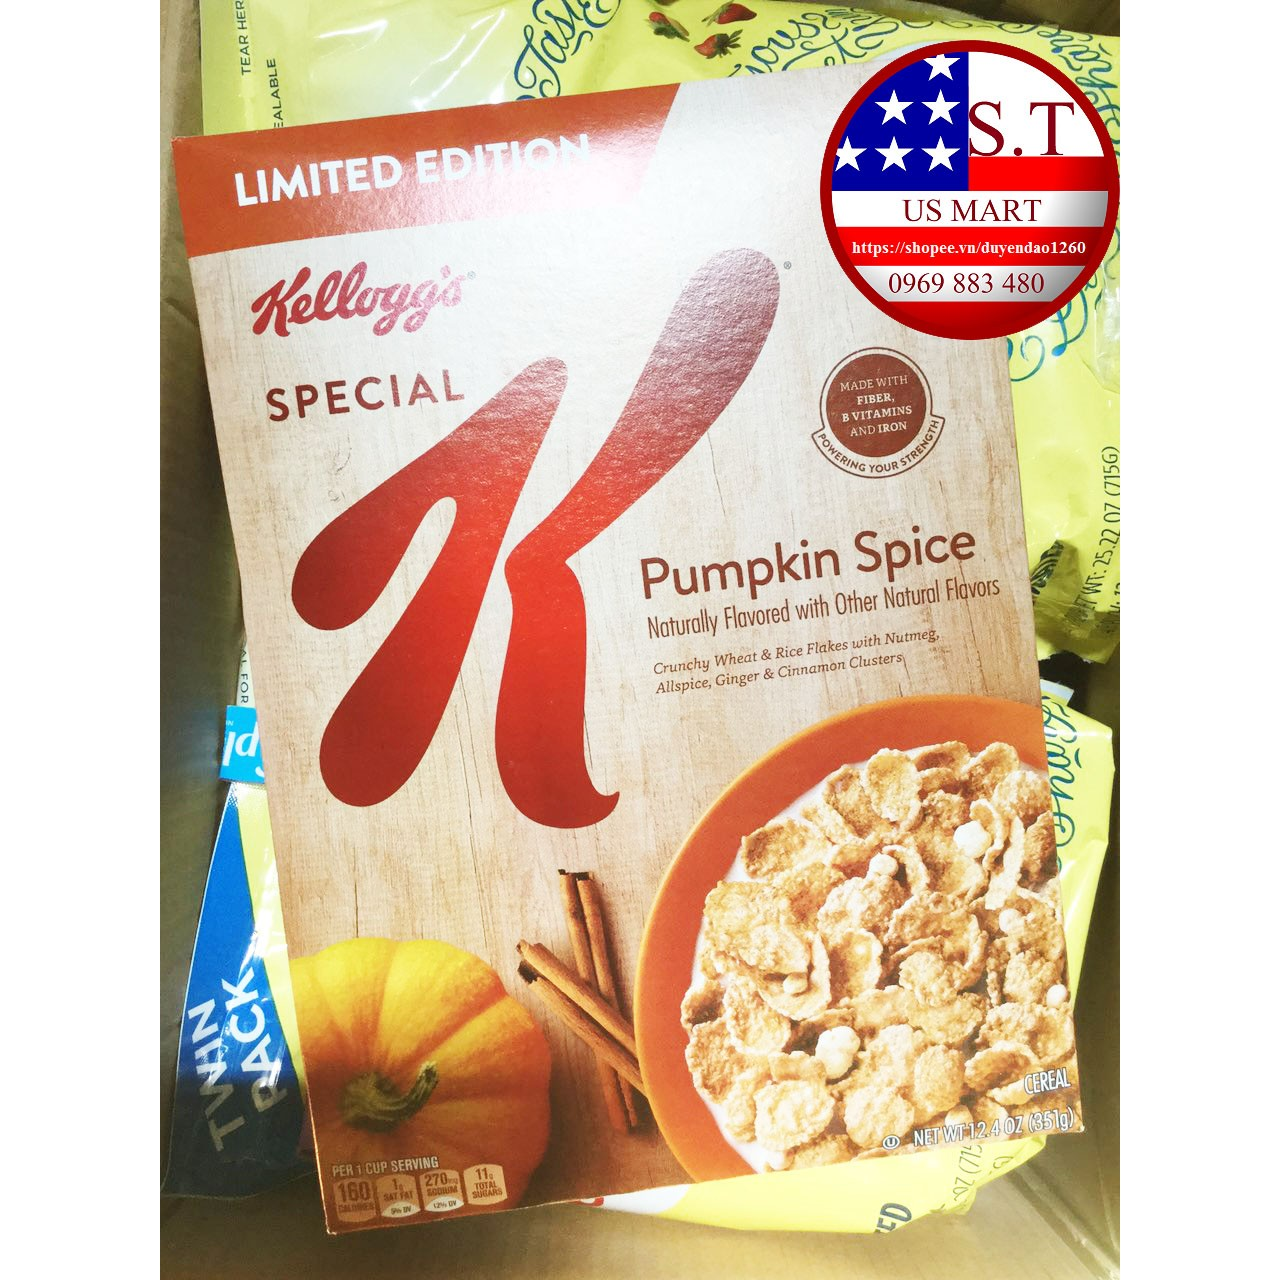 Ngũ cốc dinh dưỡng Kellogg's Pumpkin Spice 351 gram - Phiên bản giới hạn cho Hallowen 2018